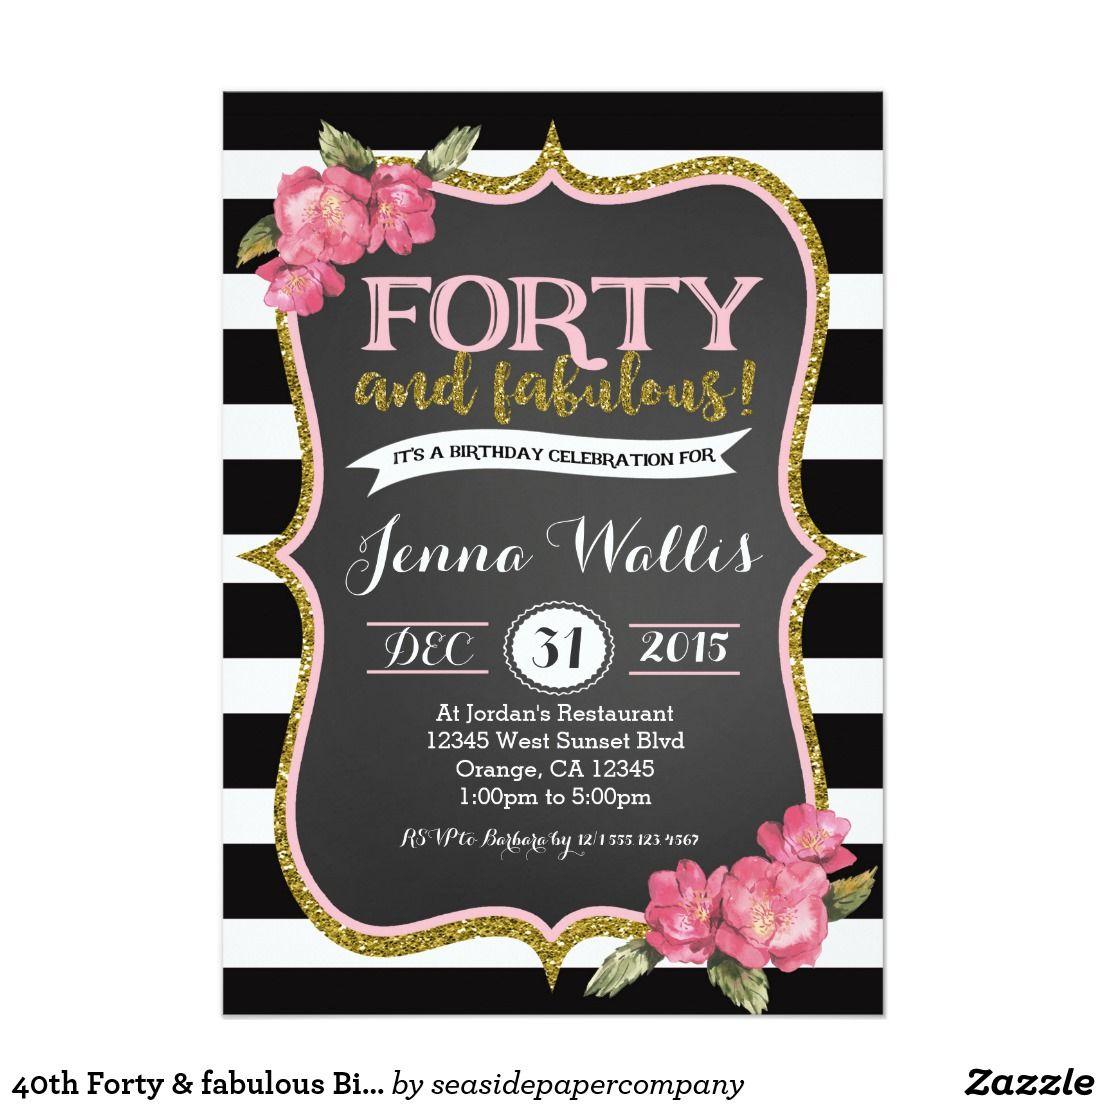 40th Forty & fabulous Birthday Invitation | Pinterest | Birthdays